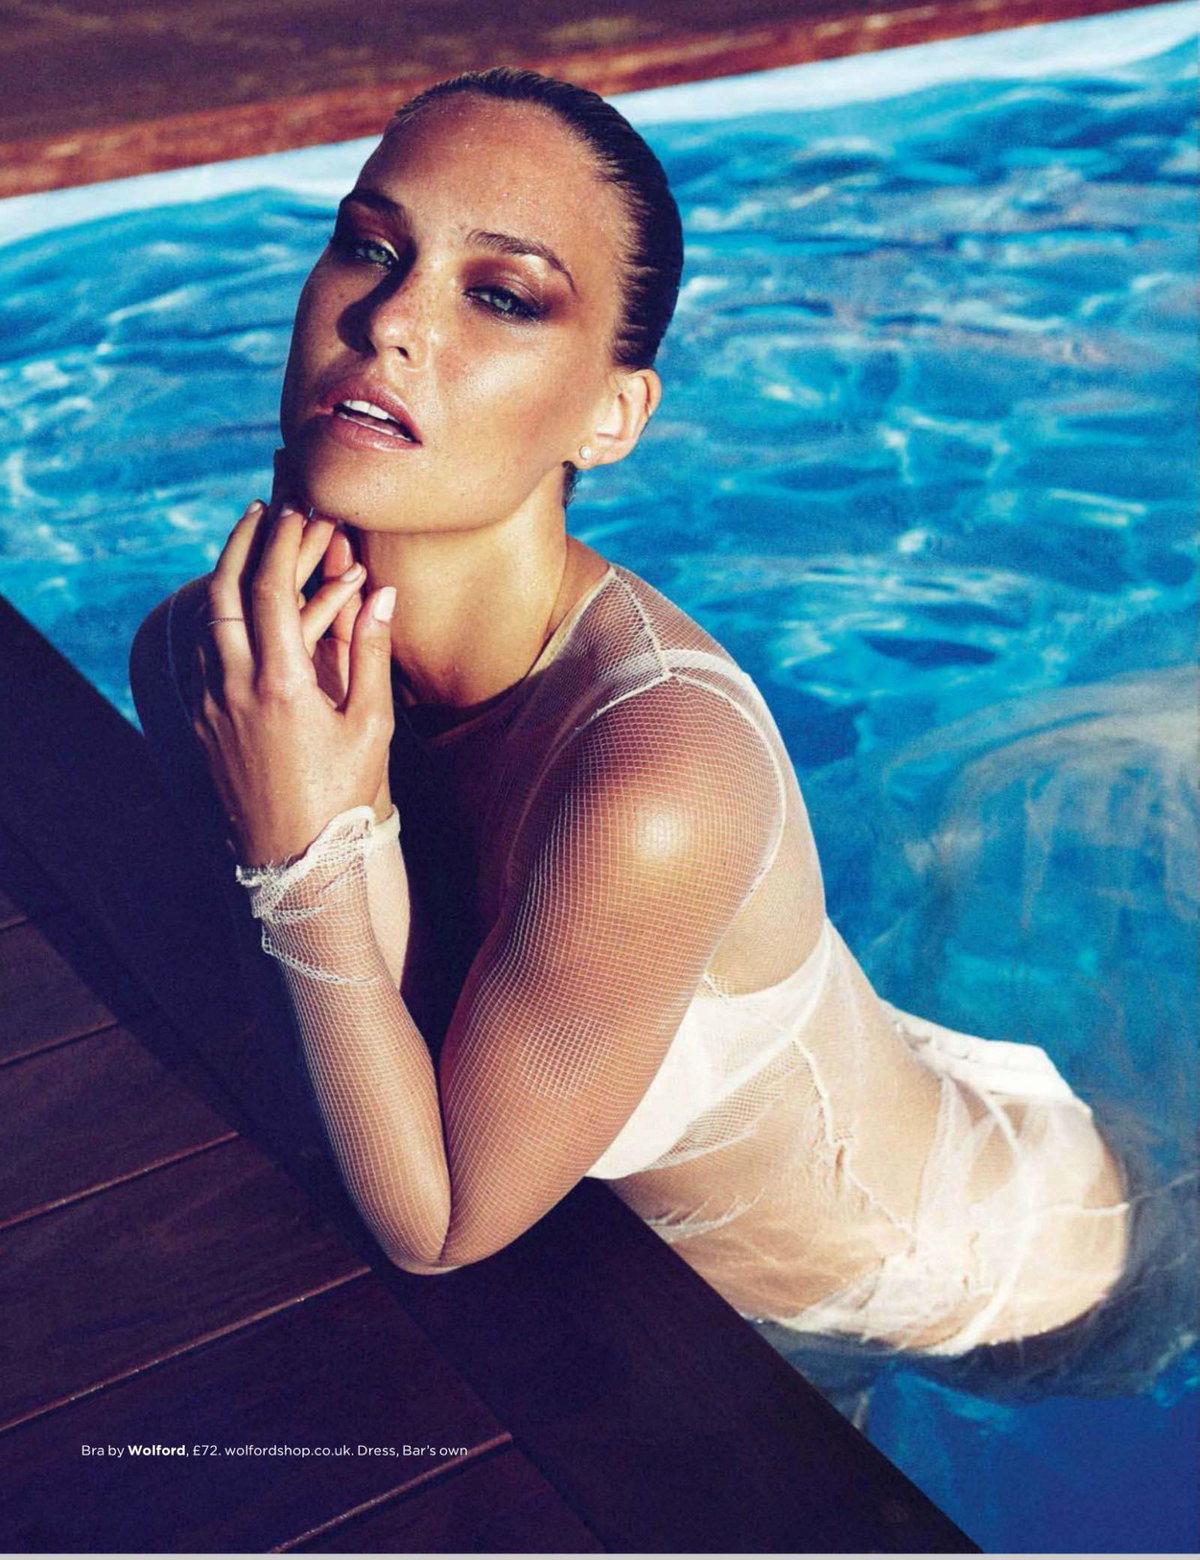 Голых фото моделей в бассейне